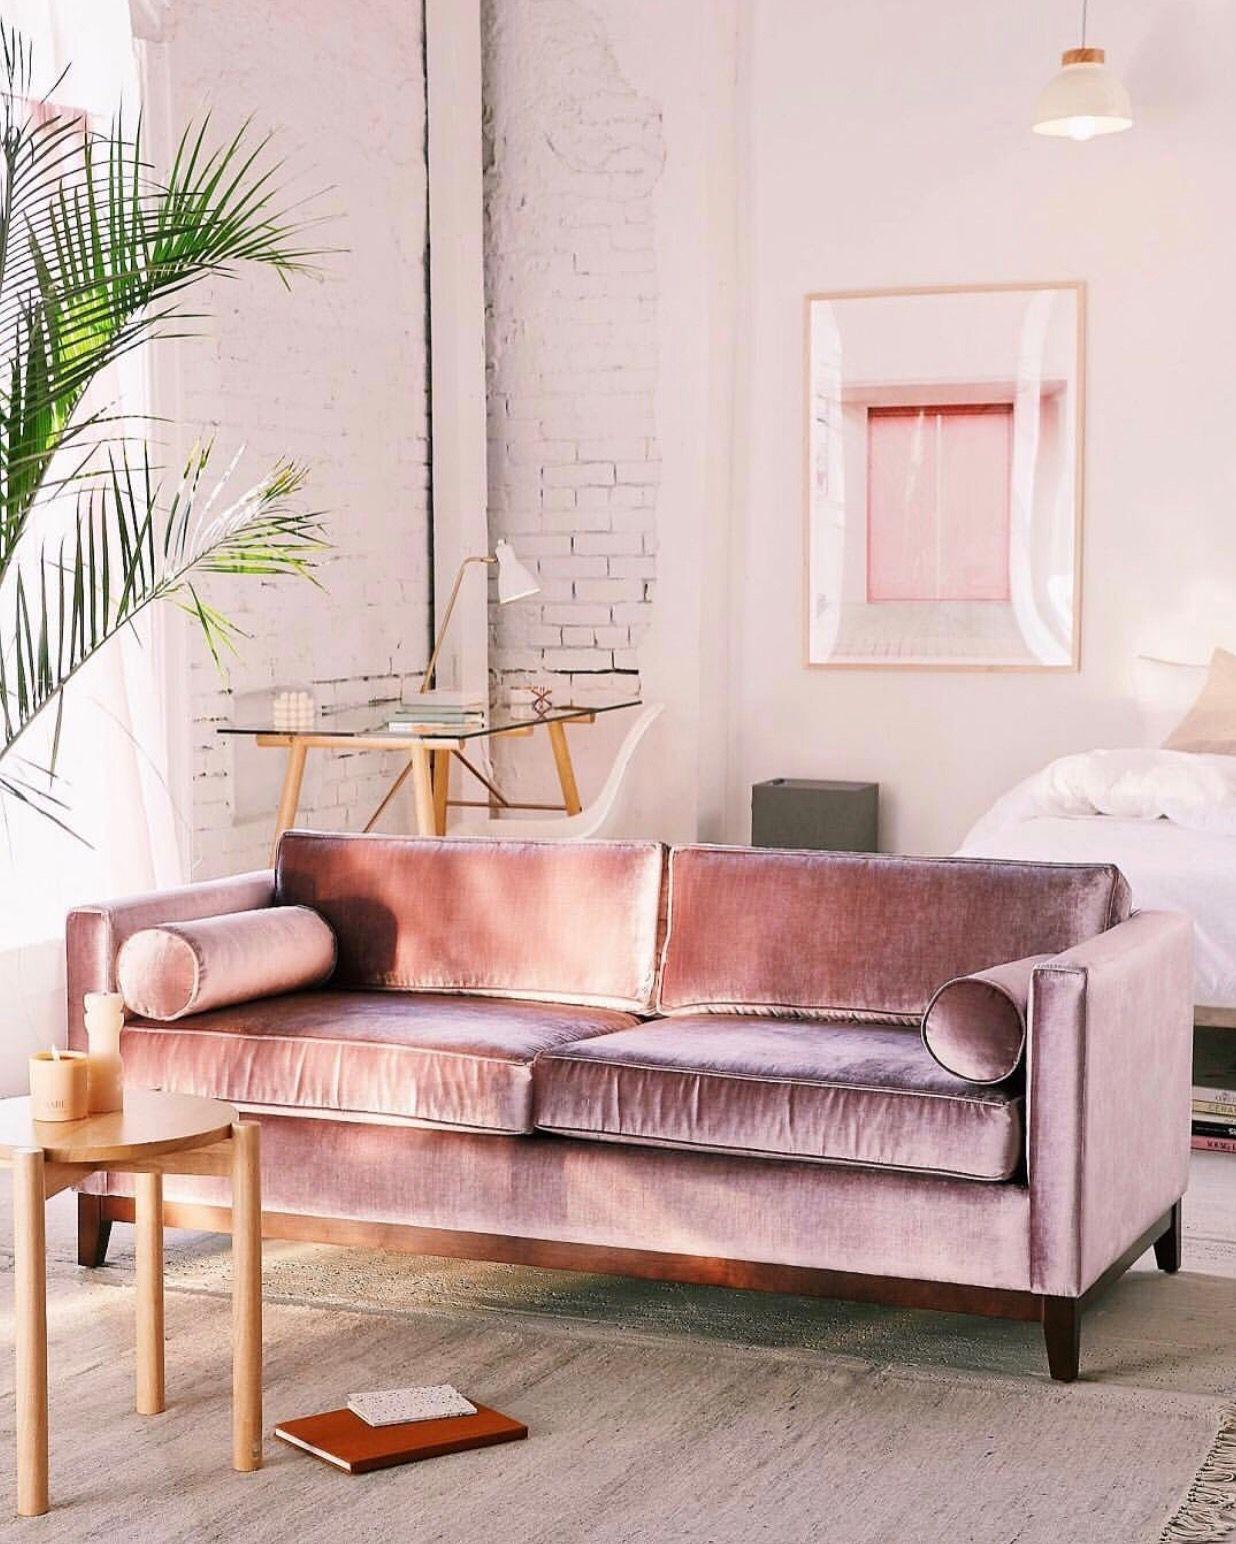 Samt, Gastzimmer, Wohnzimmer, Schlafzimmer, Graue Wände, Pastell, Upcycling  Möbel, Diy Wohnung, Erste Wohnung